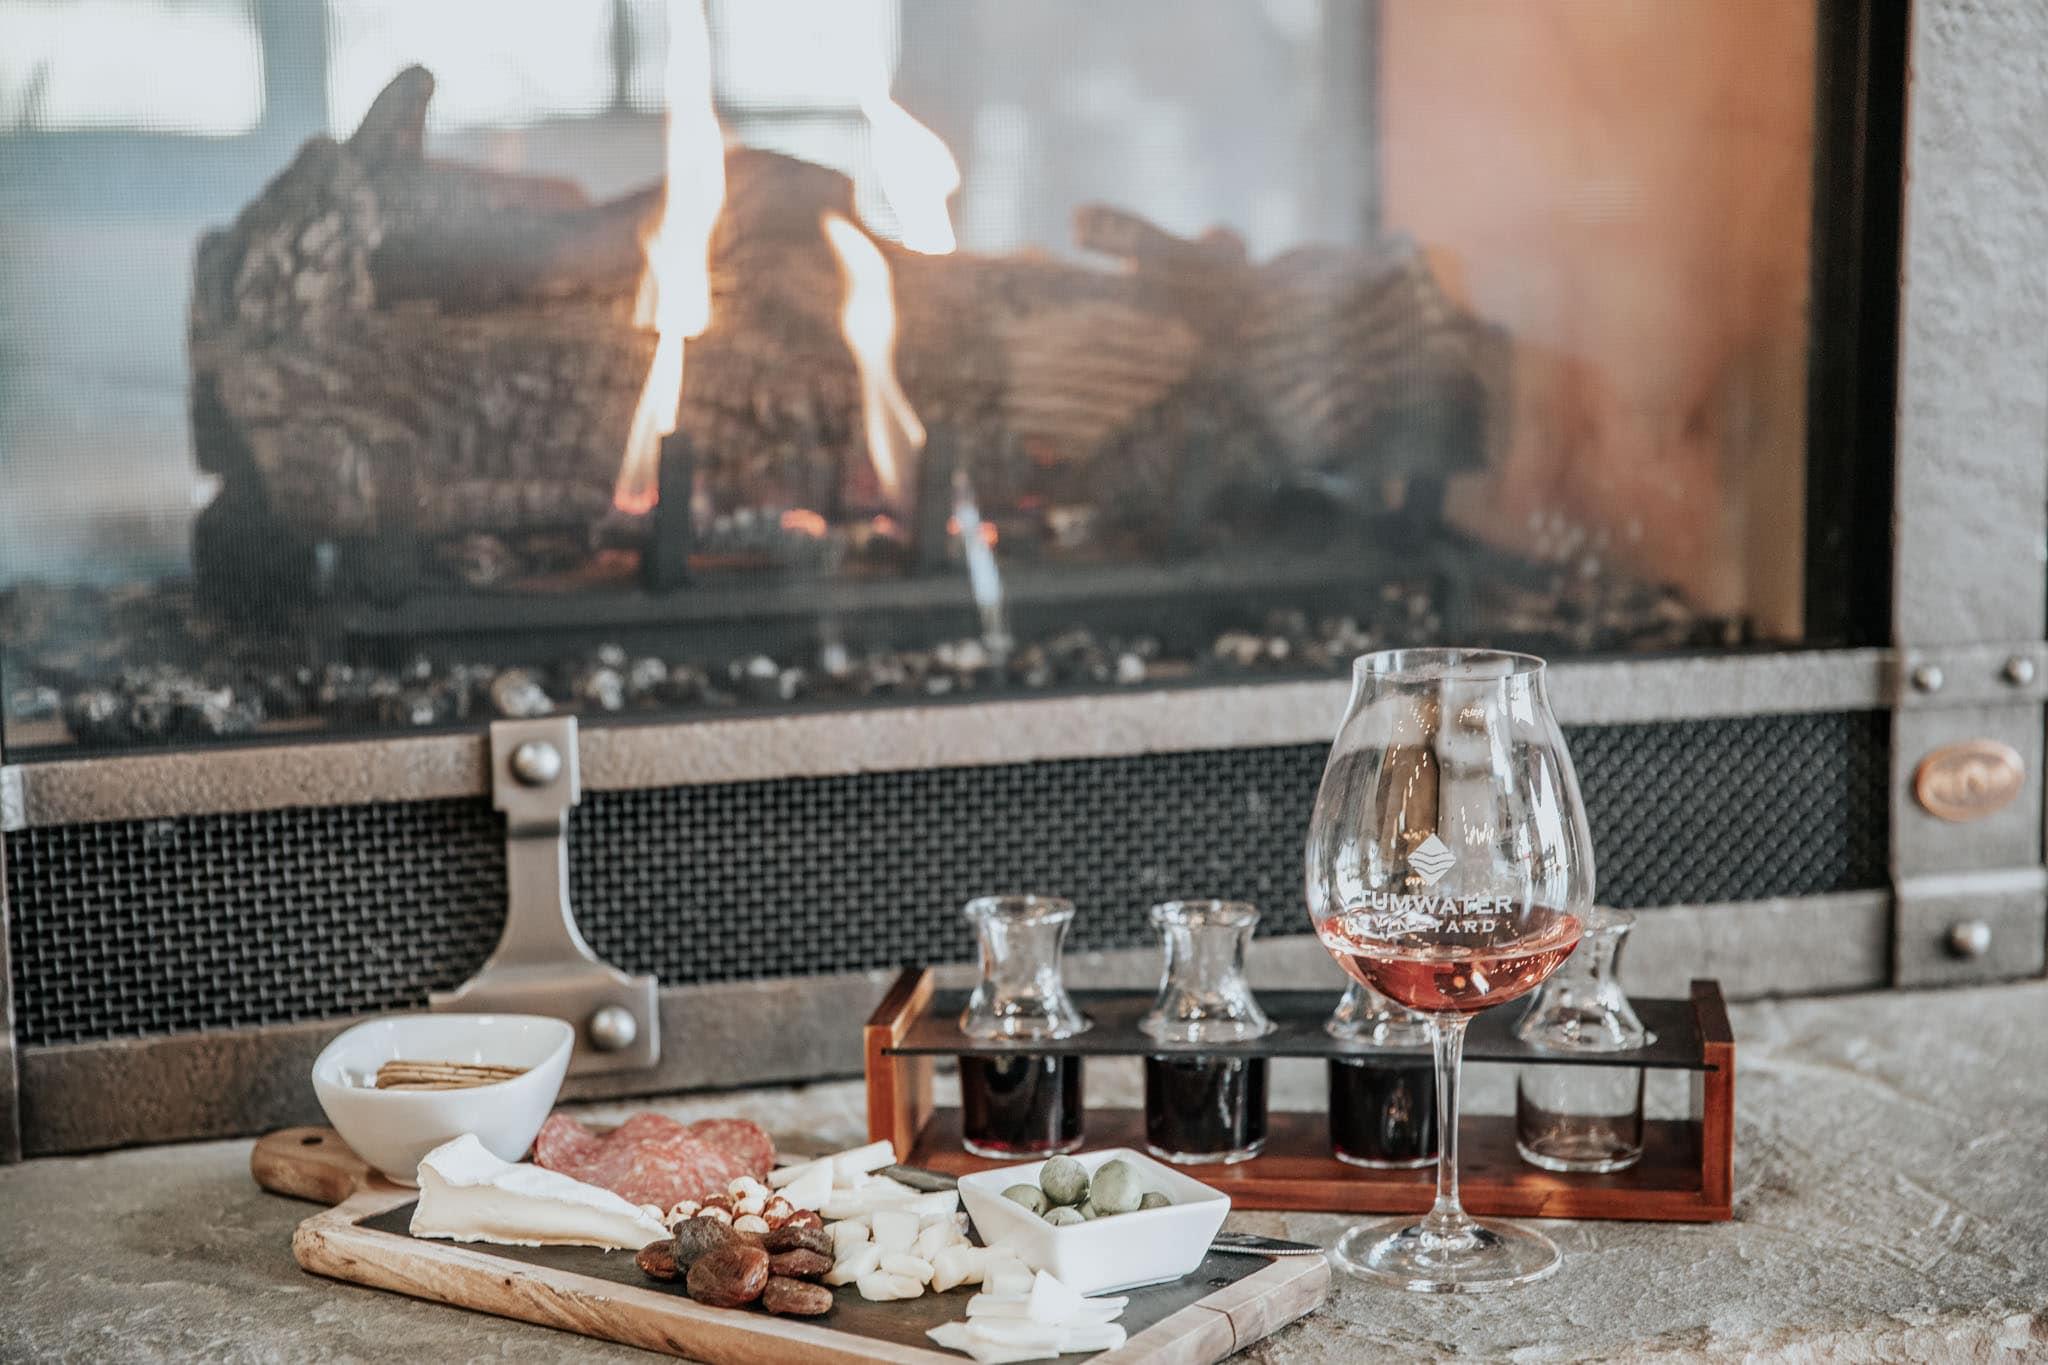 Fireplace at Tumwater Vineyard.